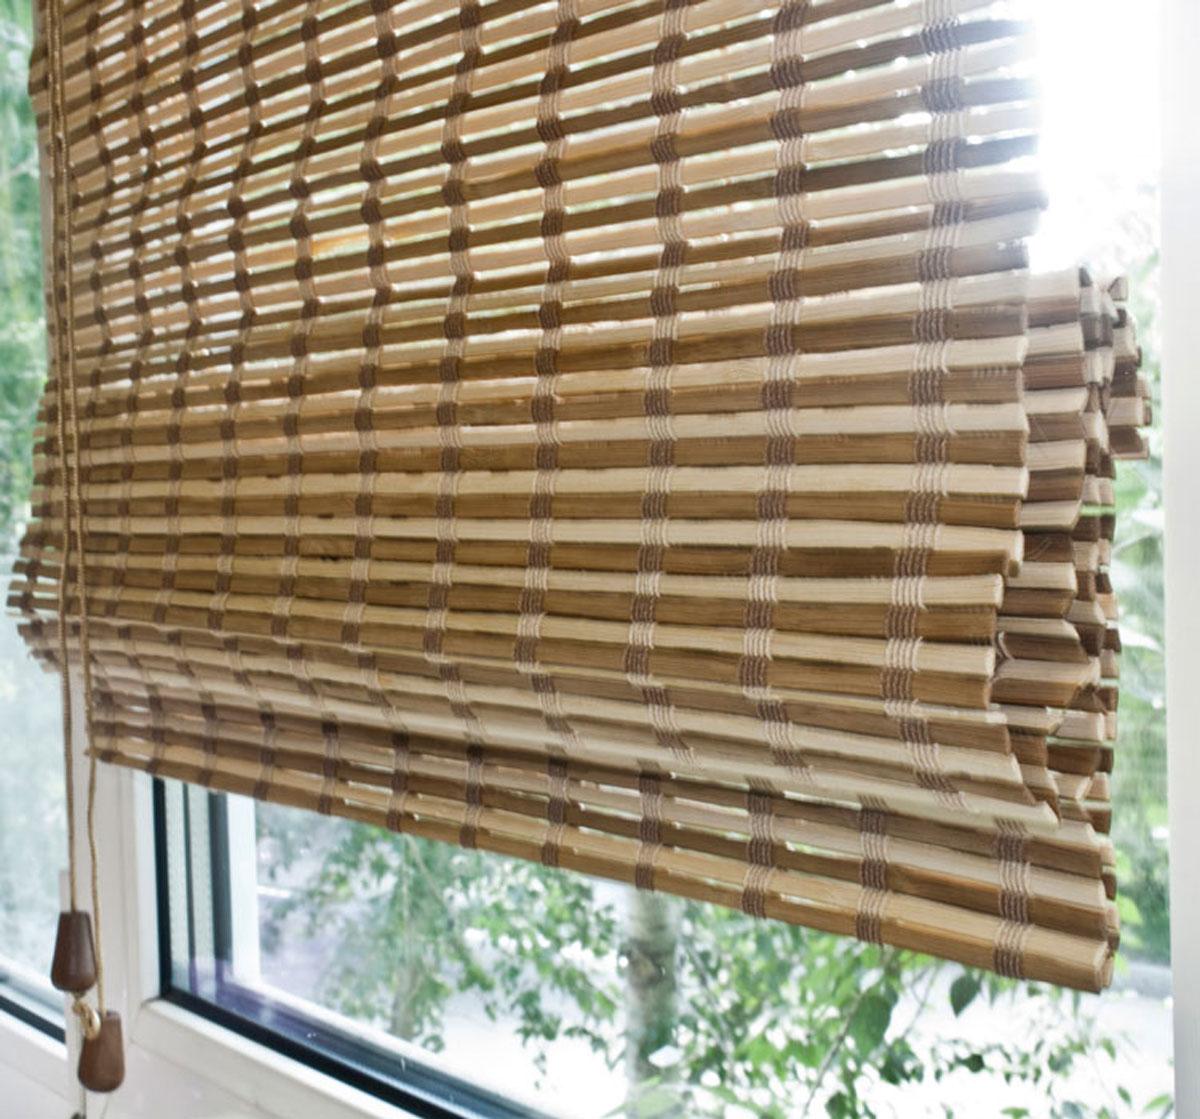 Римская штора Эскар, бамбуковая, цвет: коричневый, бежевый, ширина 90 см, высота 160 см40008048150Римская штора Эскар, выполненная из натурального бамбука, является оригинальным современным аксессуаром для создания необычного интерьера в восточном или минималистичном стиле. Римская бамбуковая штора, как и тканевая римская штора, при поднятии образует крупные складки, которые прекрасно декорируют окно. Особенность устройства полотна позволяет свободно пропускать дневной свет, что обеспечивает мягкое освещение комнаты. Римская штора из натурального влагоустойчивого материала легко вписывается в любой интерьер, хорошо сочетается с различной мебелью и элементами отделки. Использование бамбукового полотна придает помещению необычный вид и визуально расширяет пространство. Бамбуковые шторы требуют только сухого ухода: пылесосом, щеткой, веником или влажной (но не мокрой!) губкой. Комплект для монтажа прилагается.